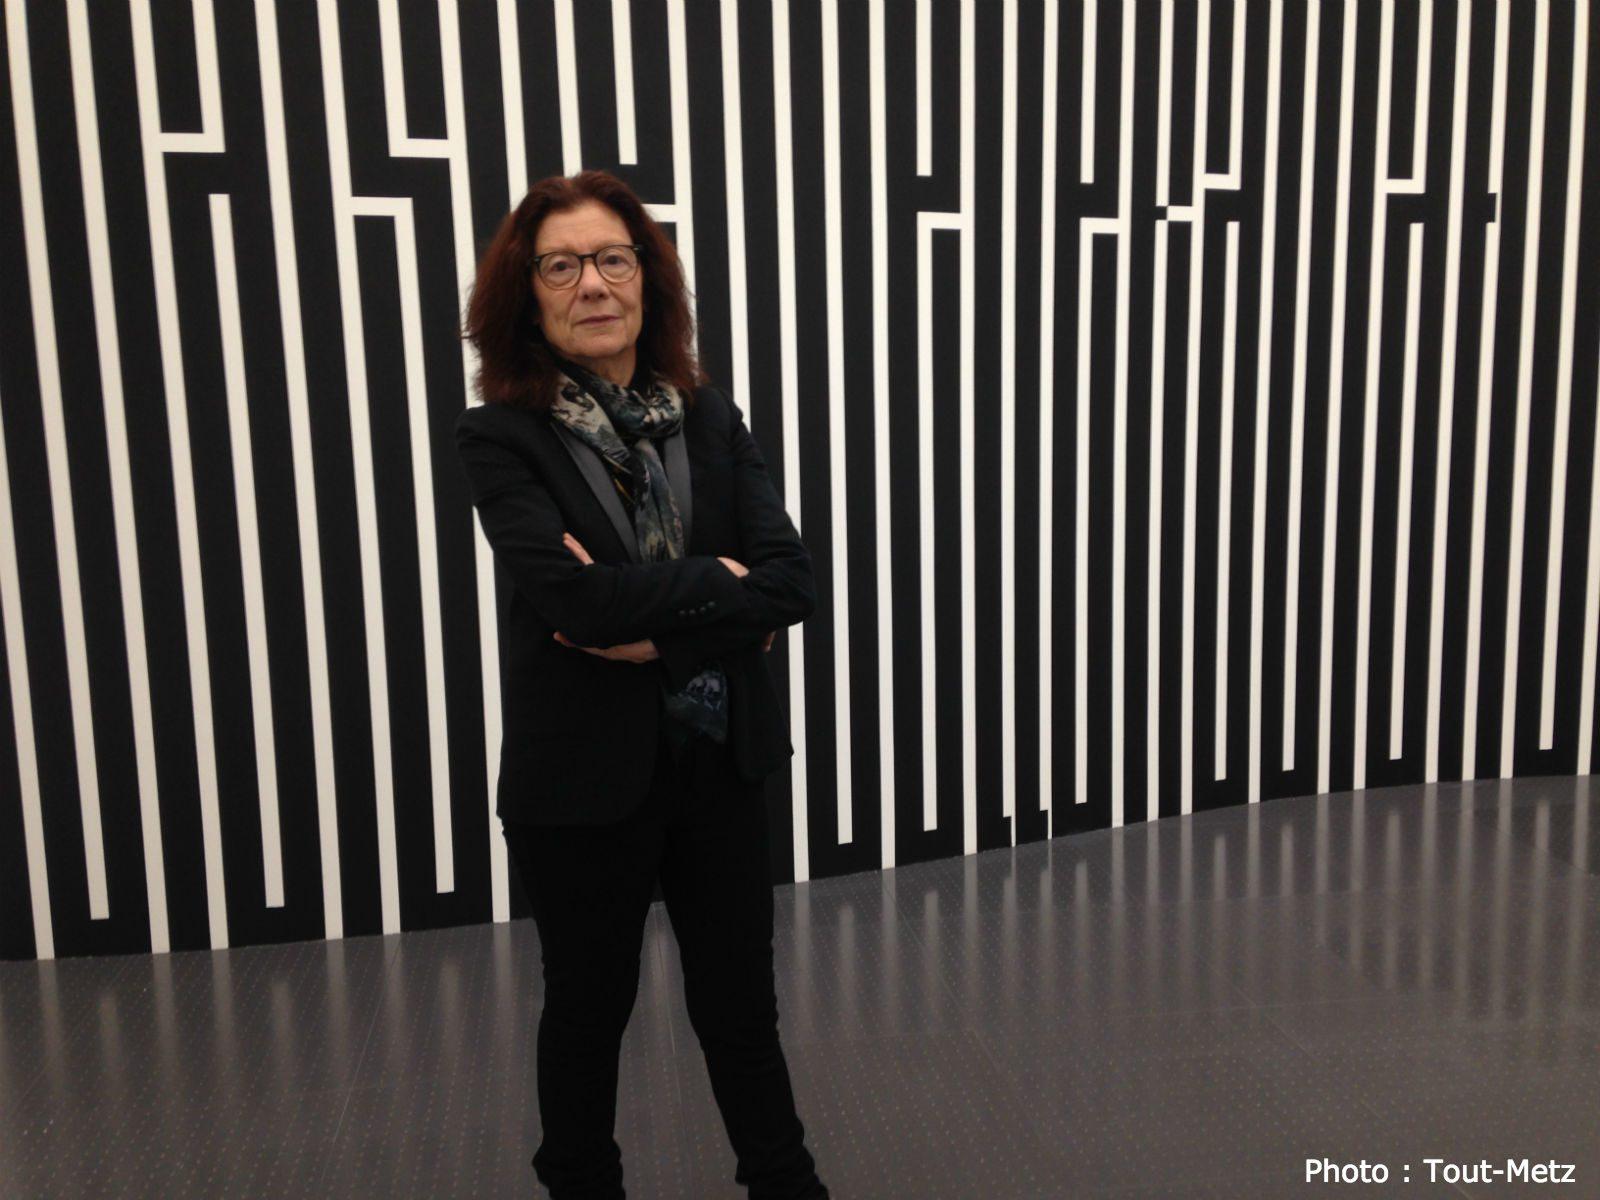 Exposition Tania Mouraud : tout un parcours à découvrir à Metz